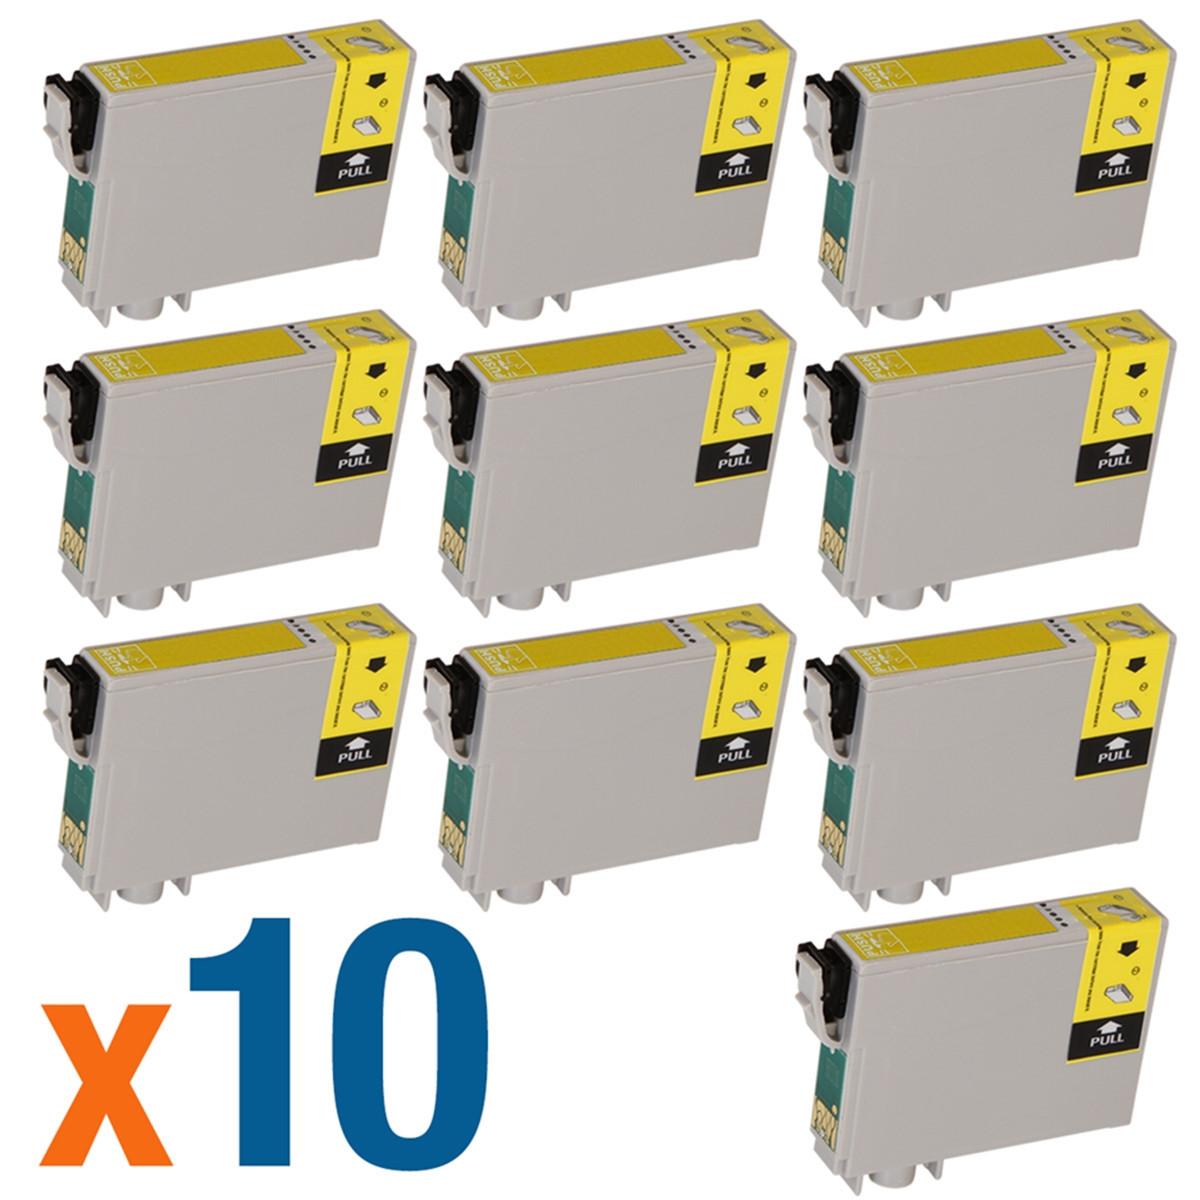 Kit 10 Cartucho de Tinta Compatível com Epson T063 T063420 Amarelo C67 C87 CX3700 CX7700 12 ml